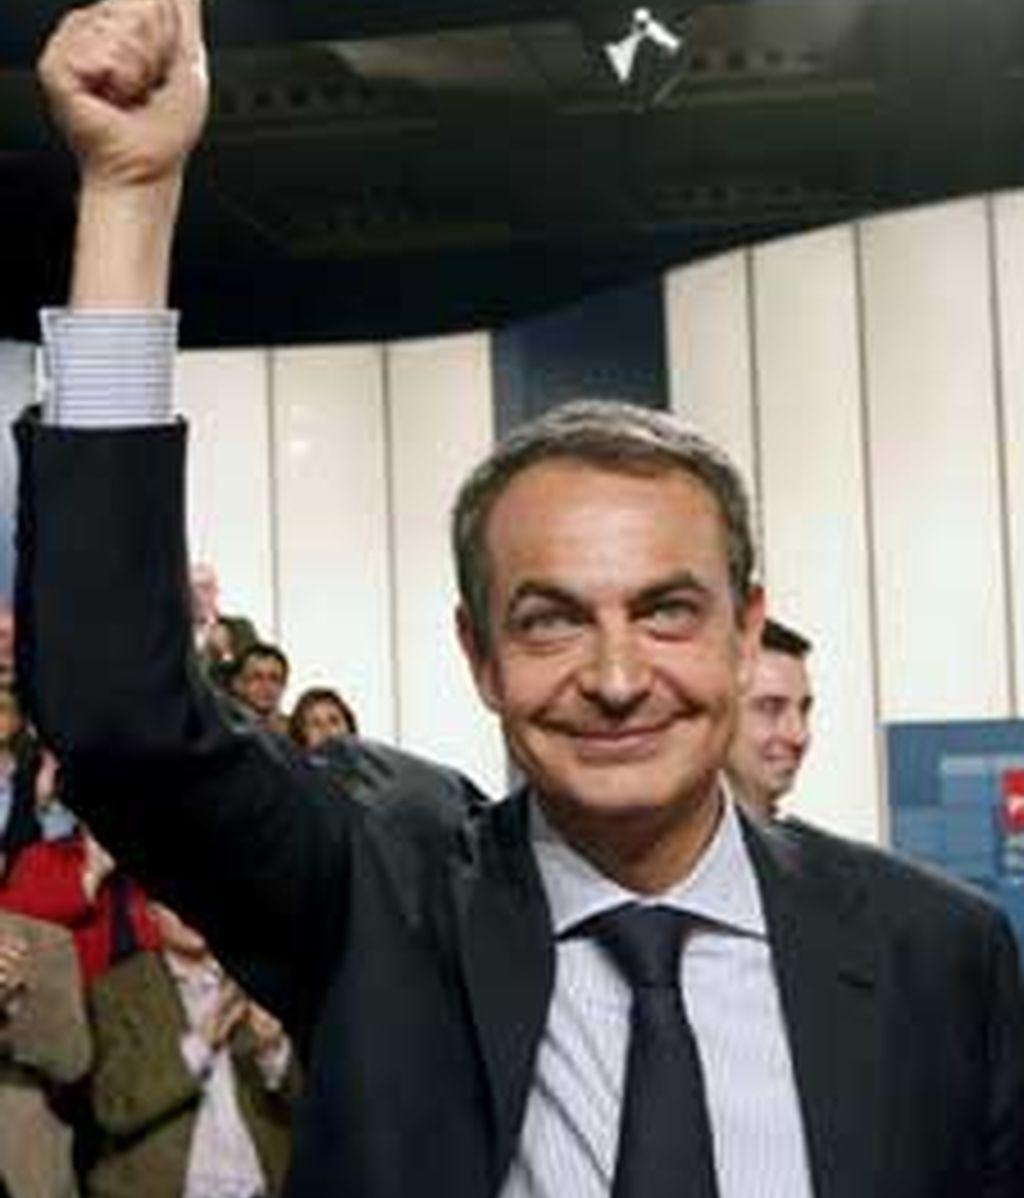 Zapatero ha hecho la promesa durante la reunión con alcaldes socialistas, portavoces municipales y presidentes de diputaciones gobernadas por el partido. Video: Atlas